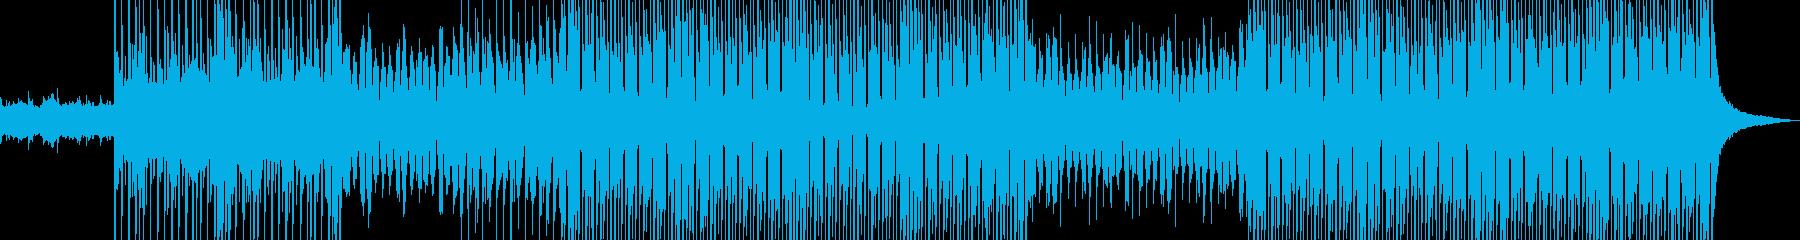 切ないメロディが印象的なポップスの再生済みの波形